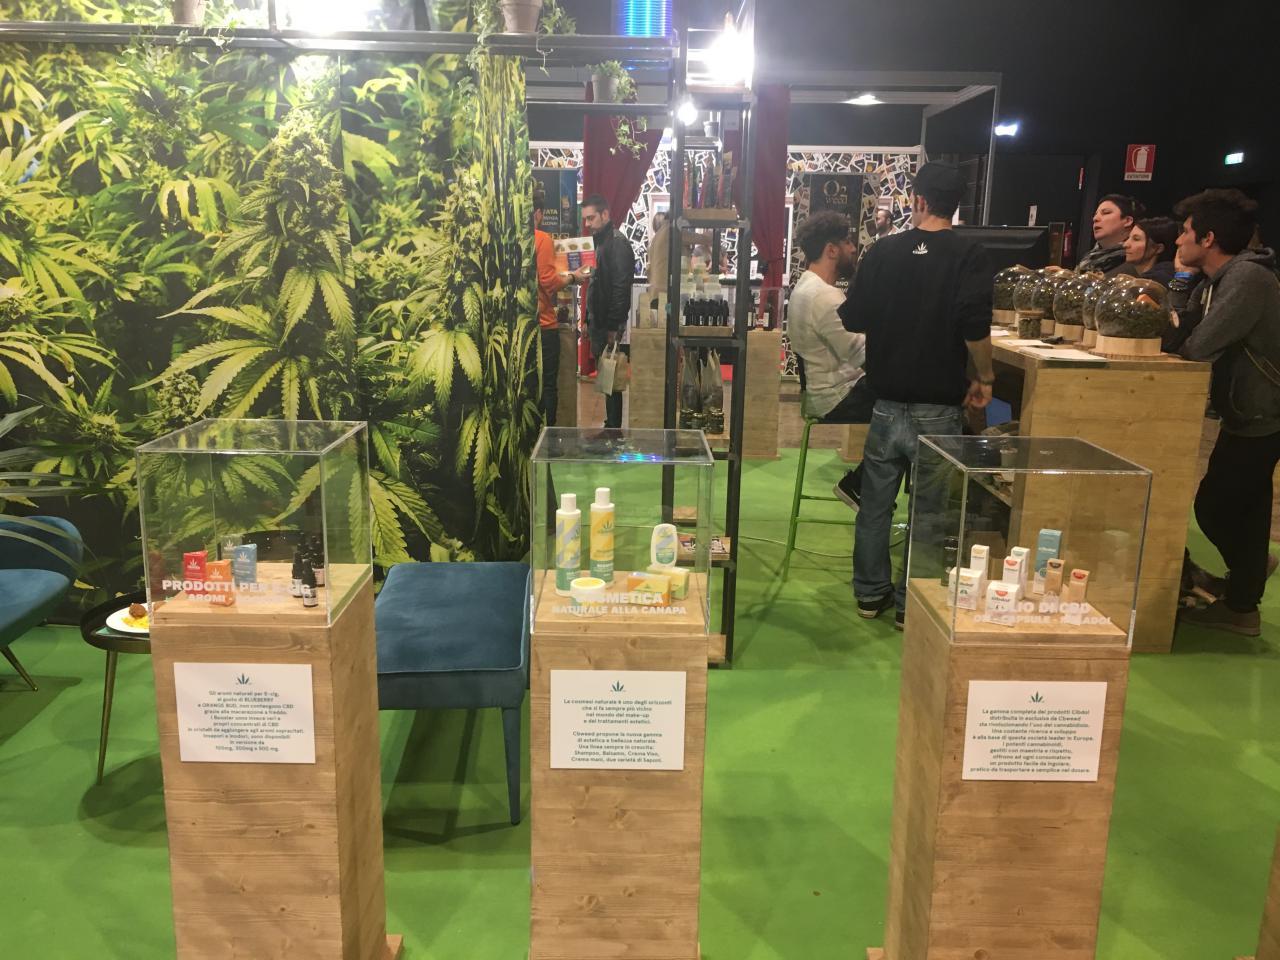 Abbiamo visitato 4.20 Hemp Fest, la chiacchierata fiera dedicata alla cannabis legale a Milano